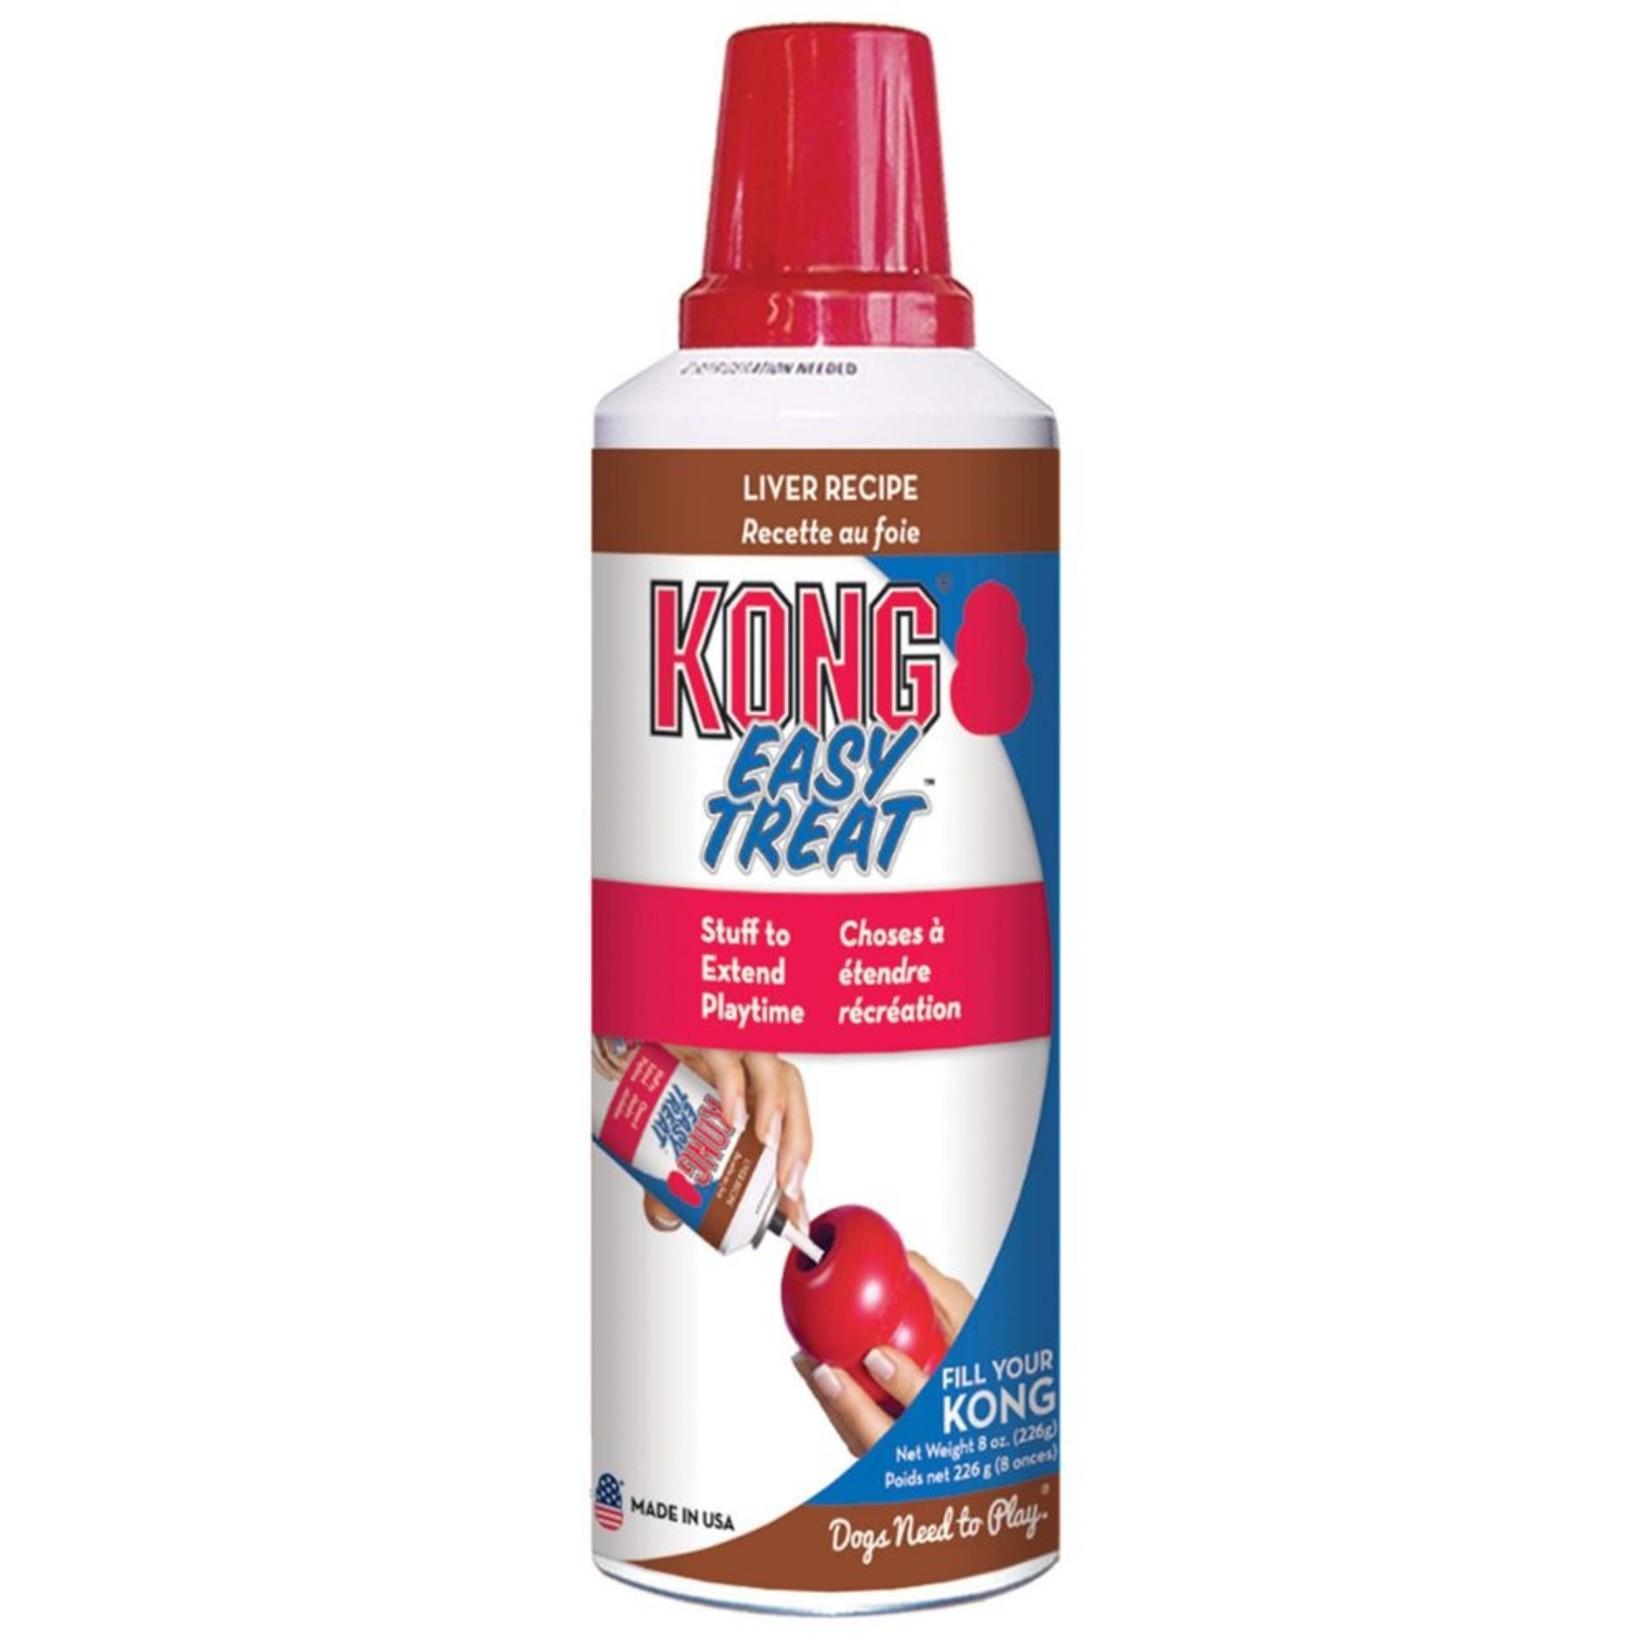 Kong Kong easy treat Liver 8 oz